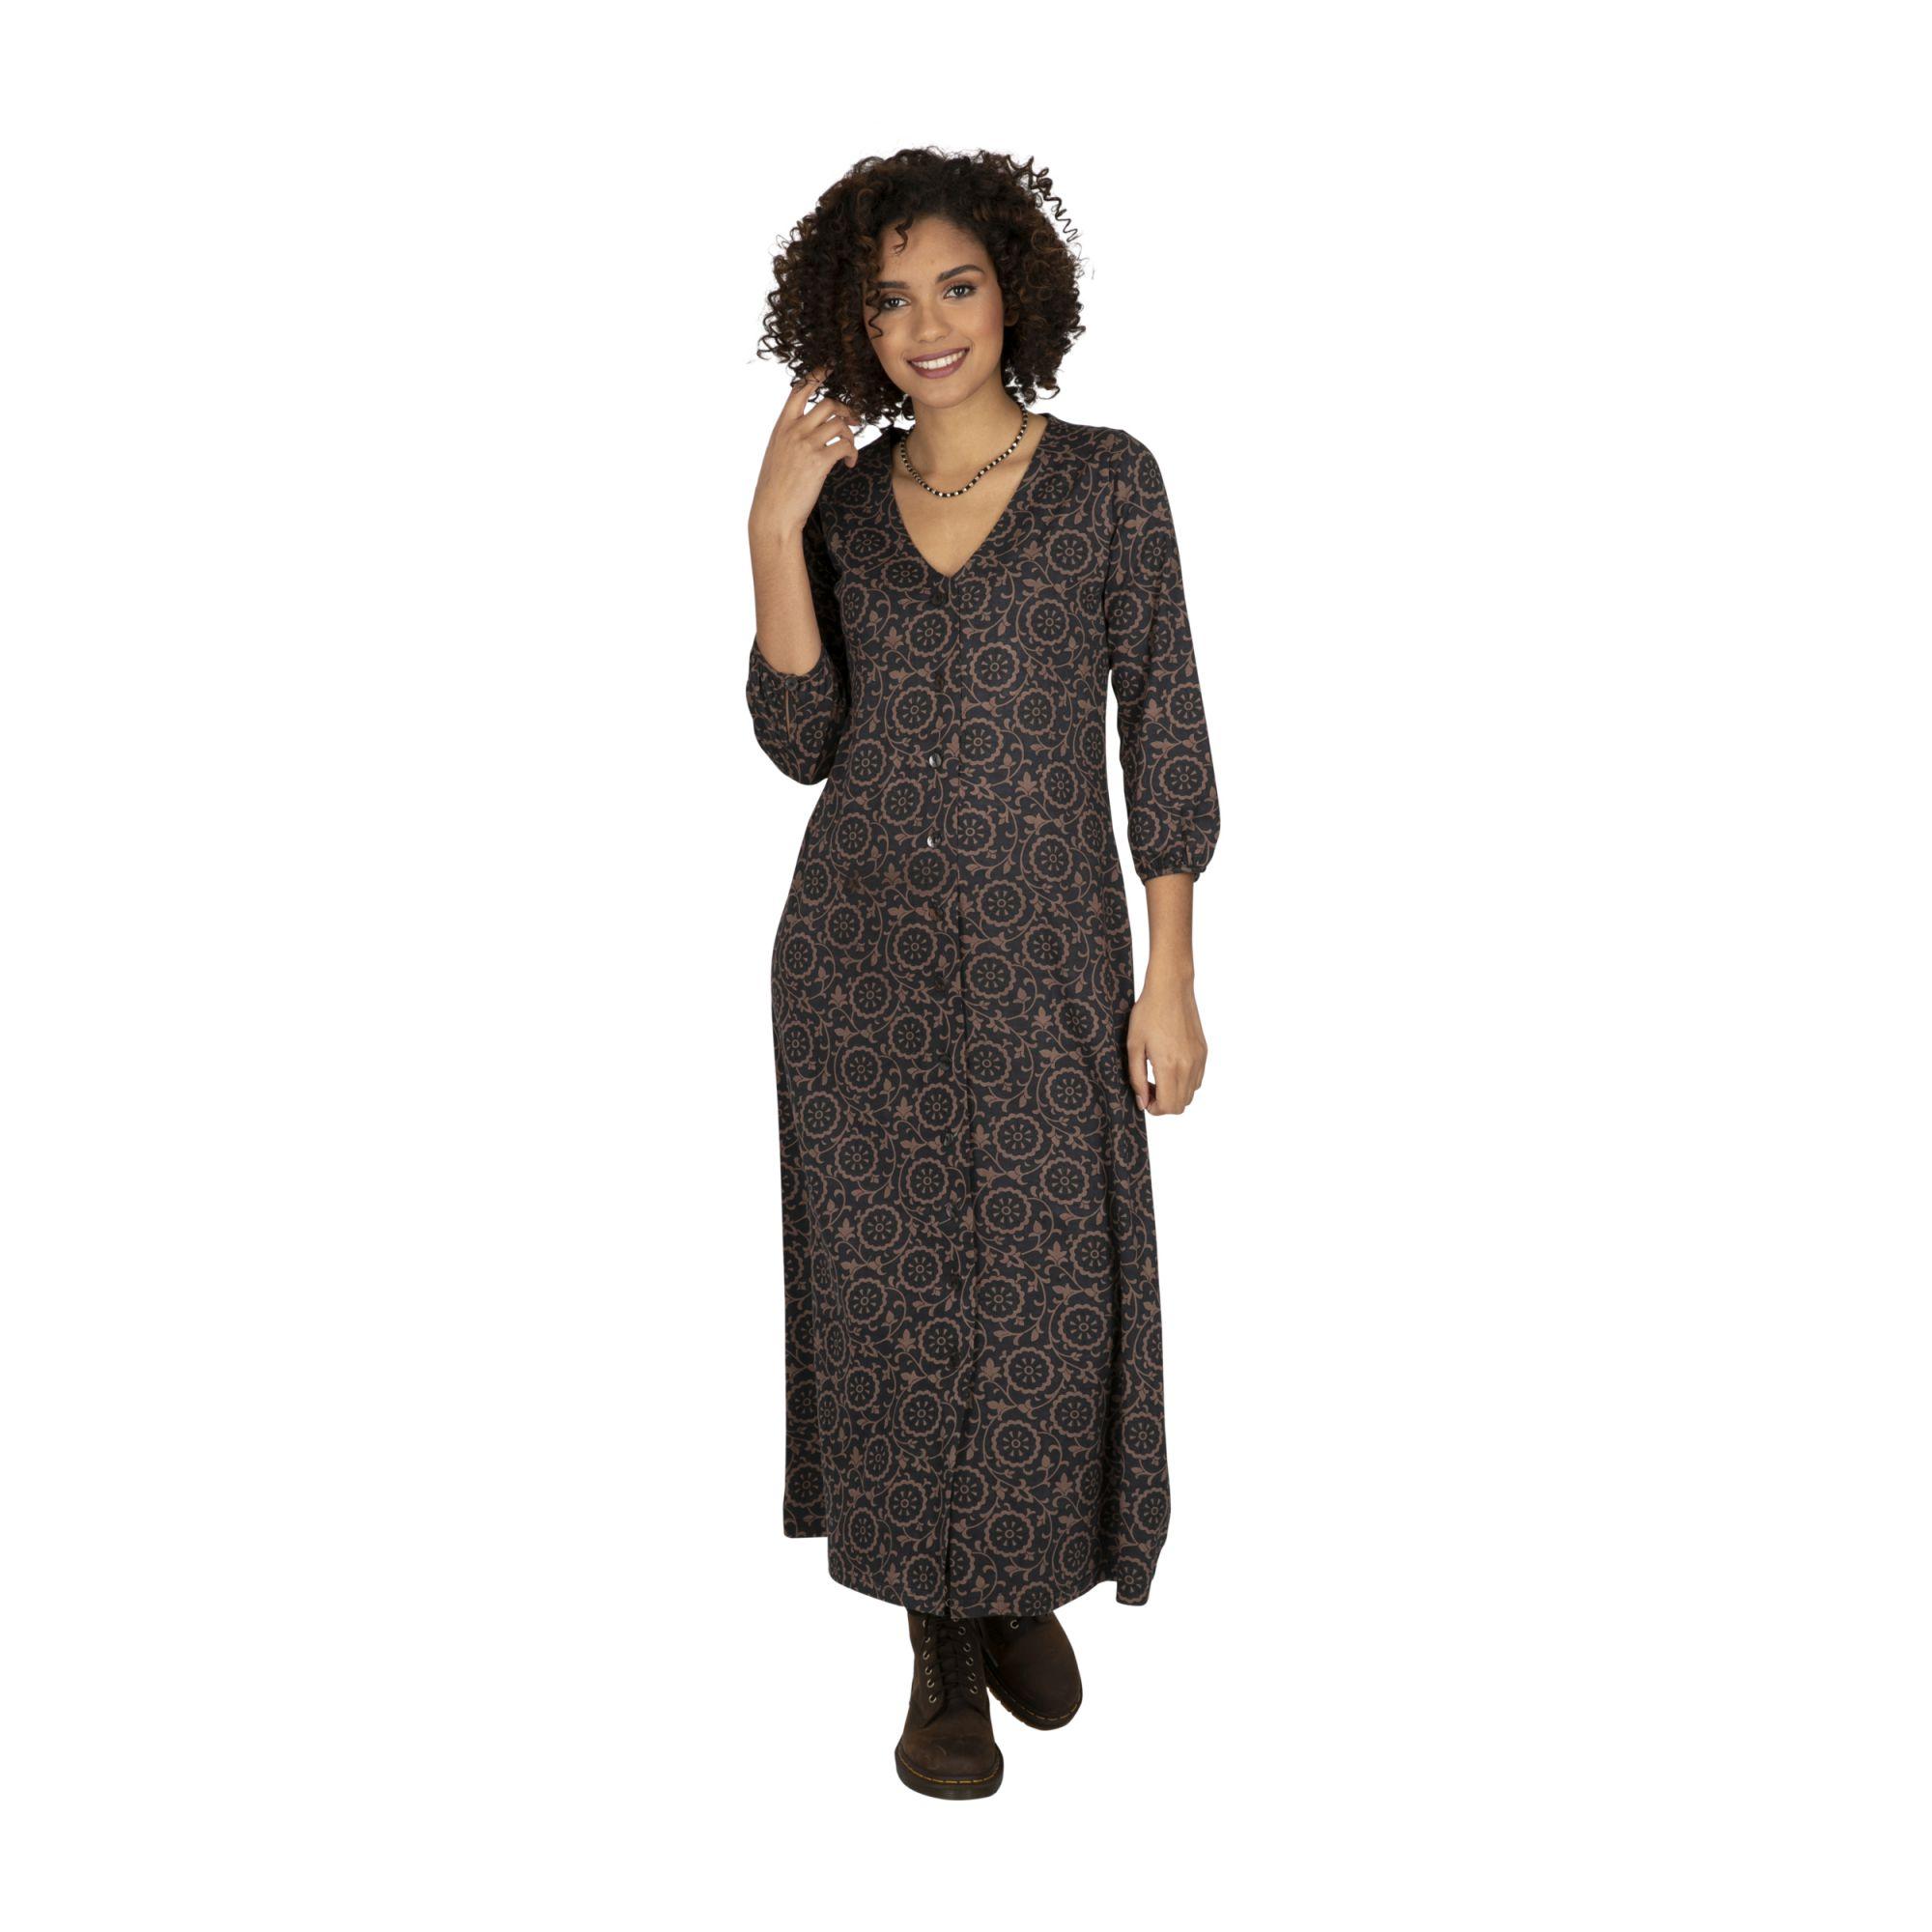 Robe femme longue tendance bohème noire Machalou